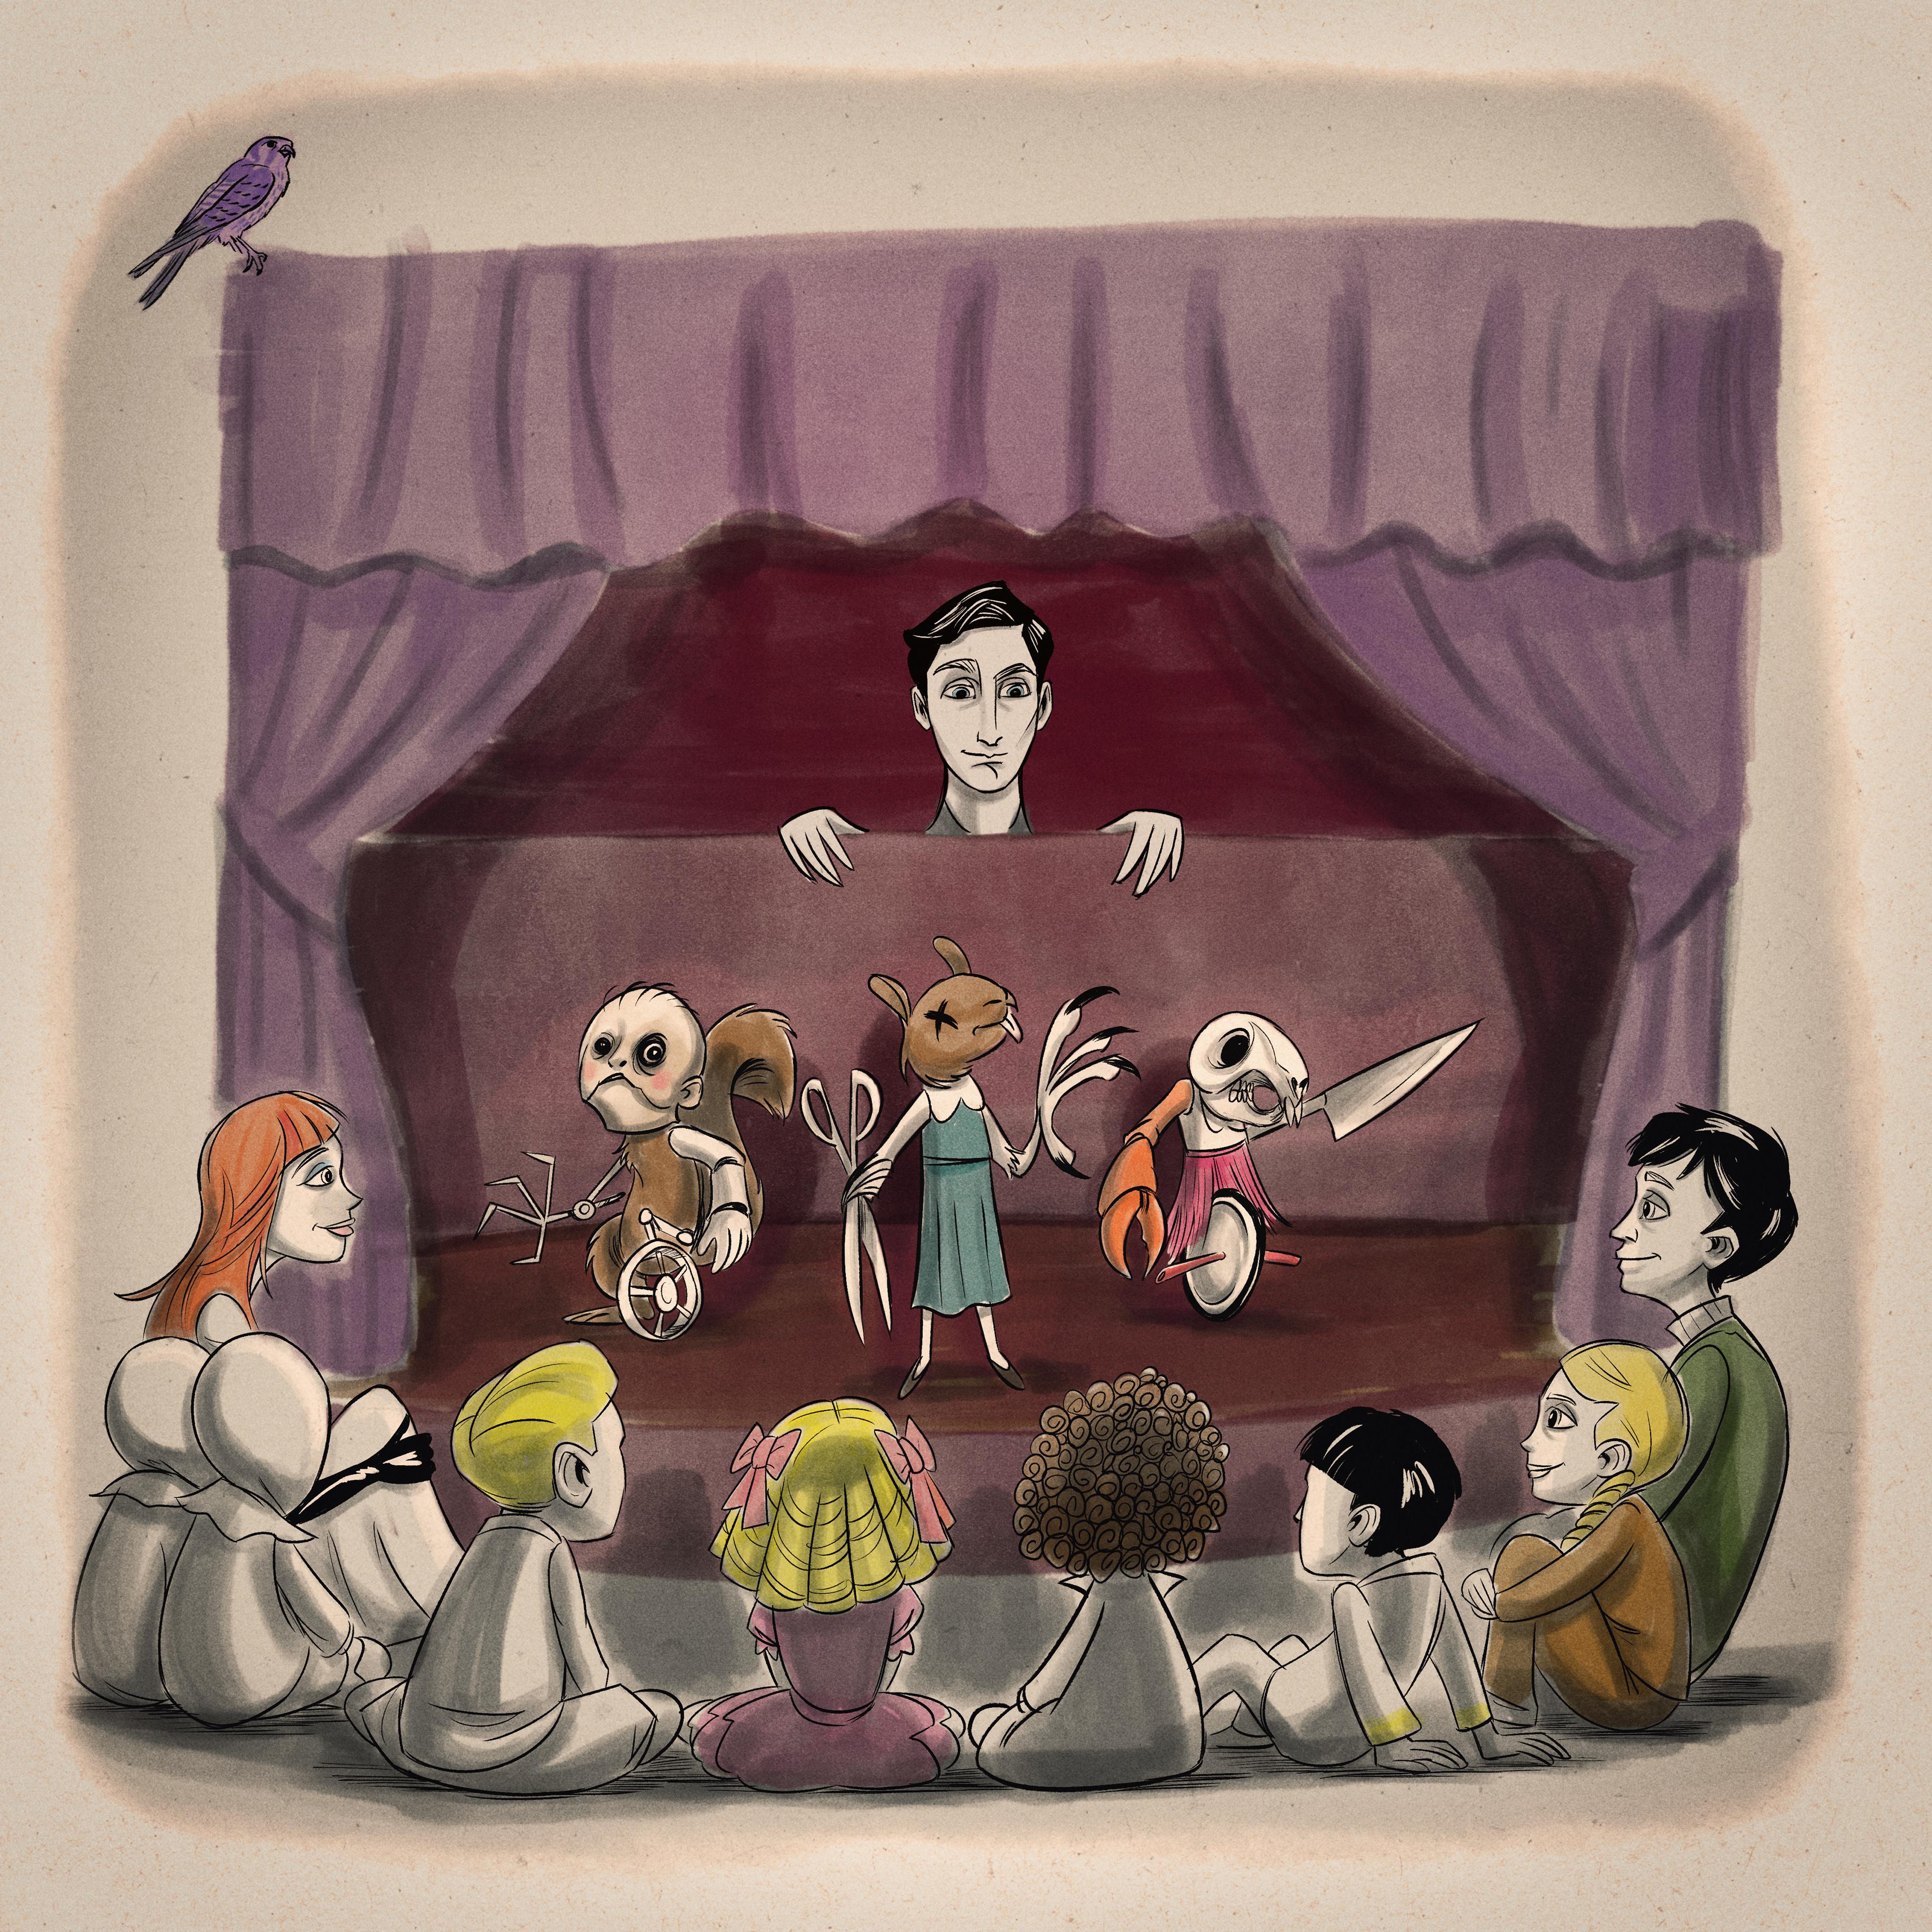 тот, прикольные картинки про кукольный театр приглядевшись, увидите